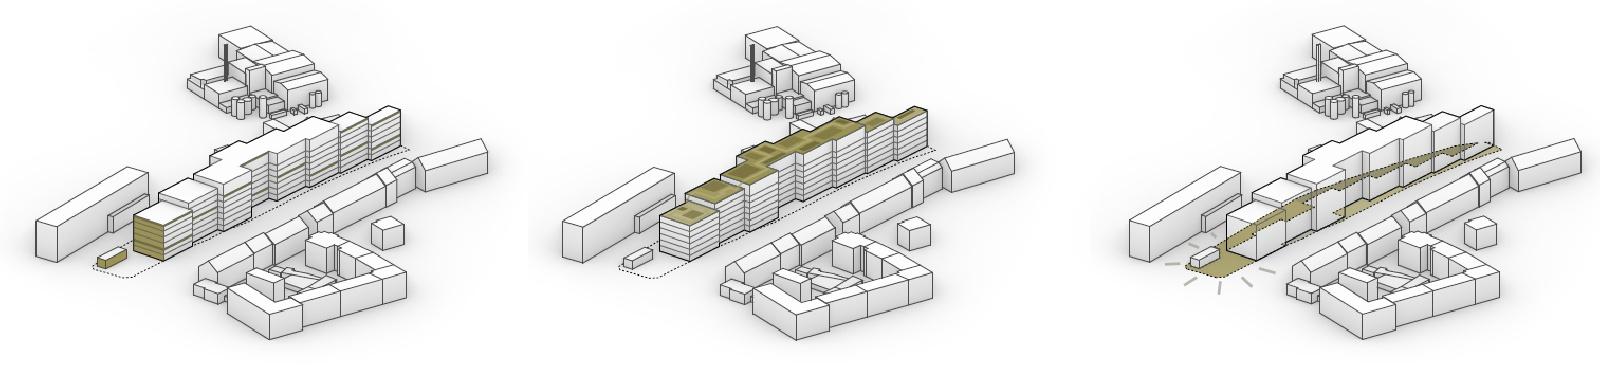 CLT buildings